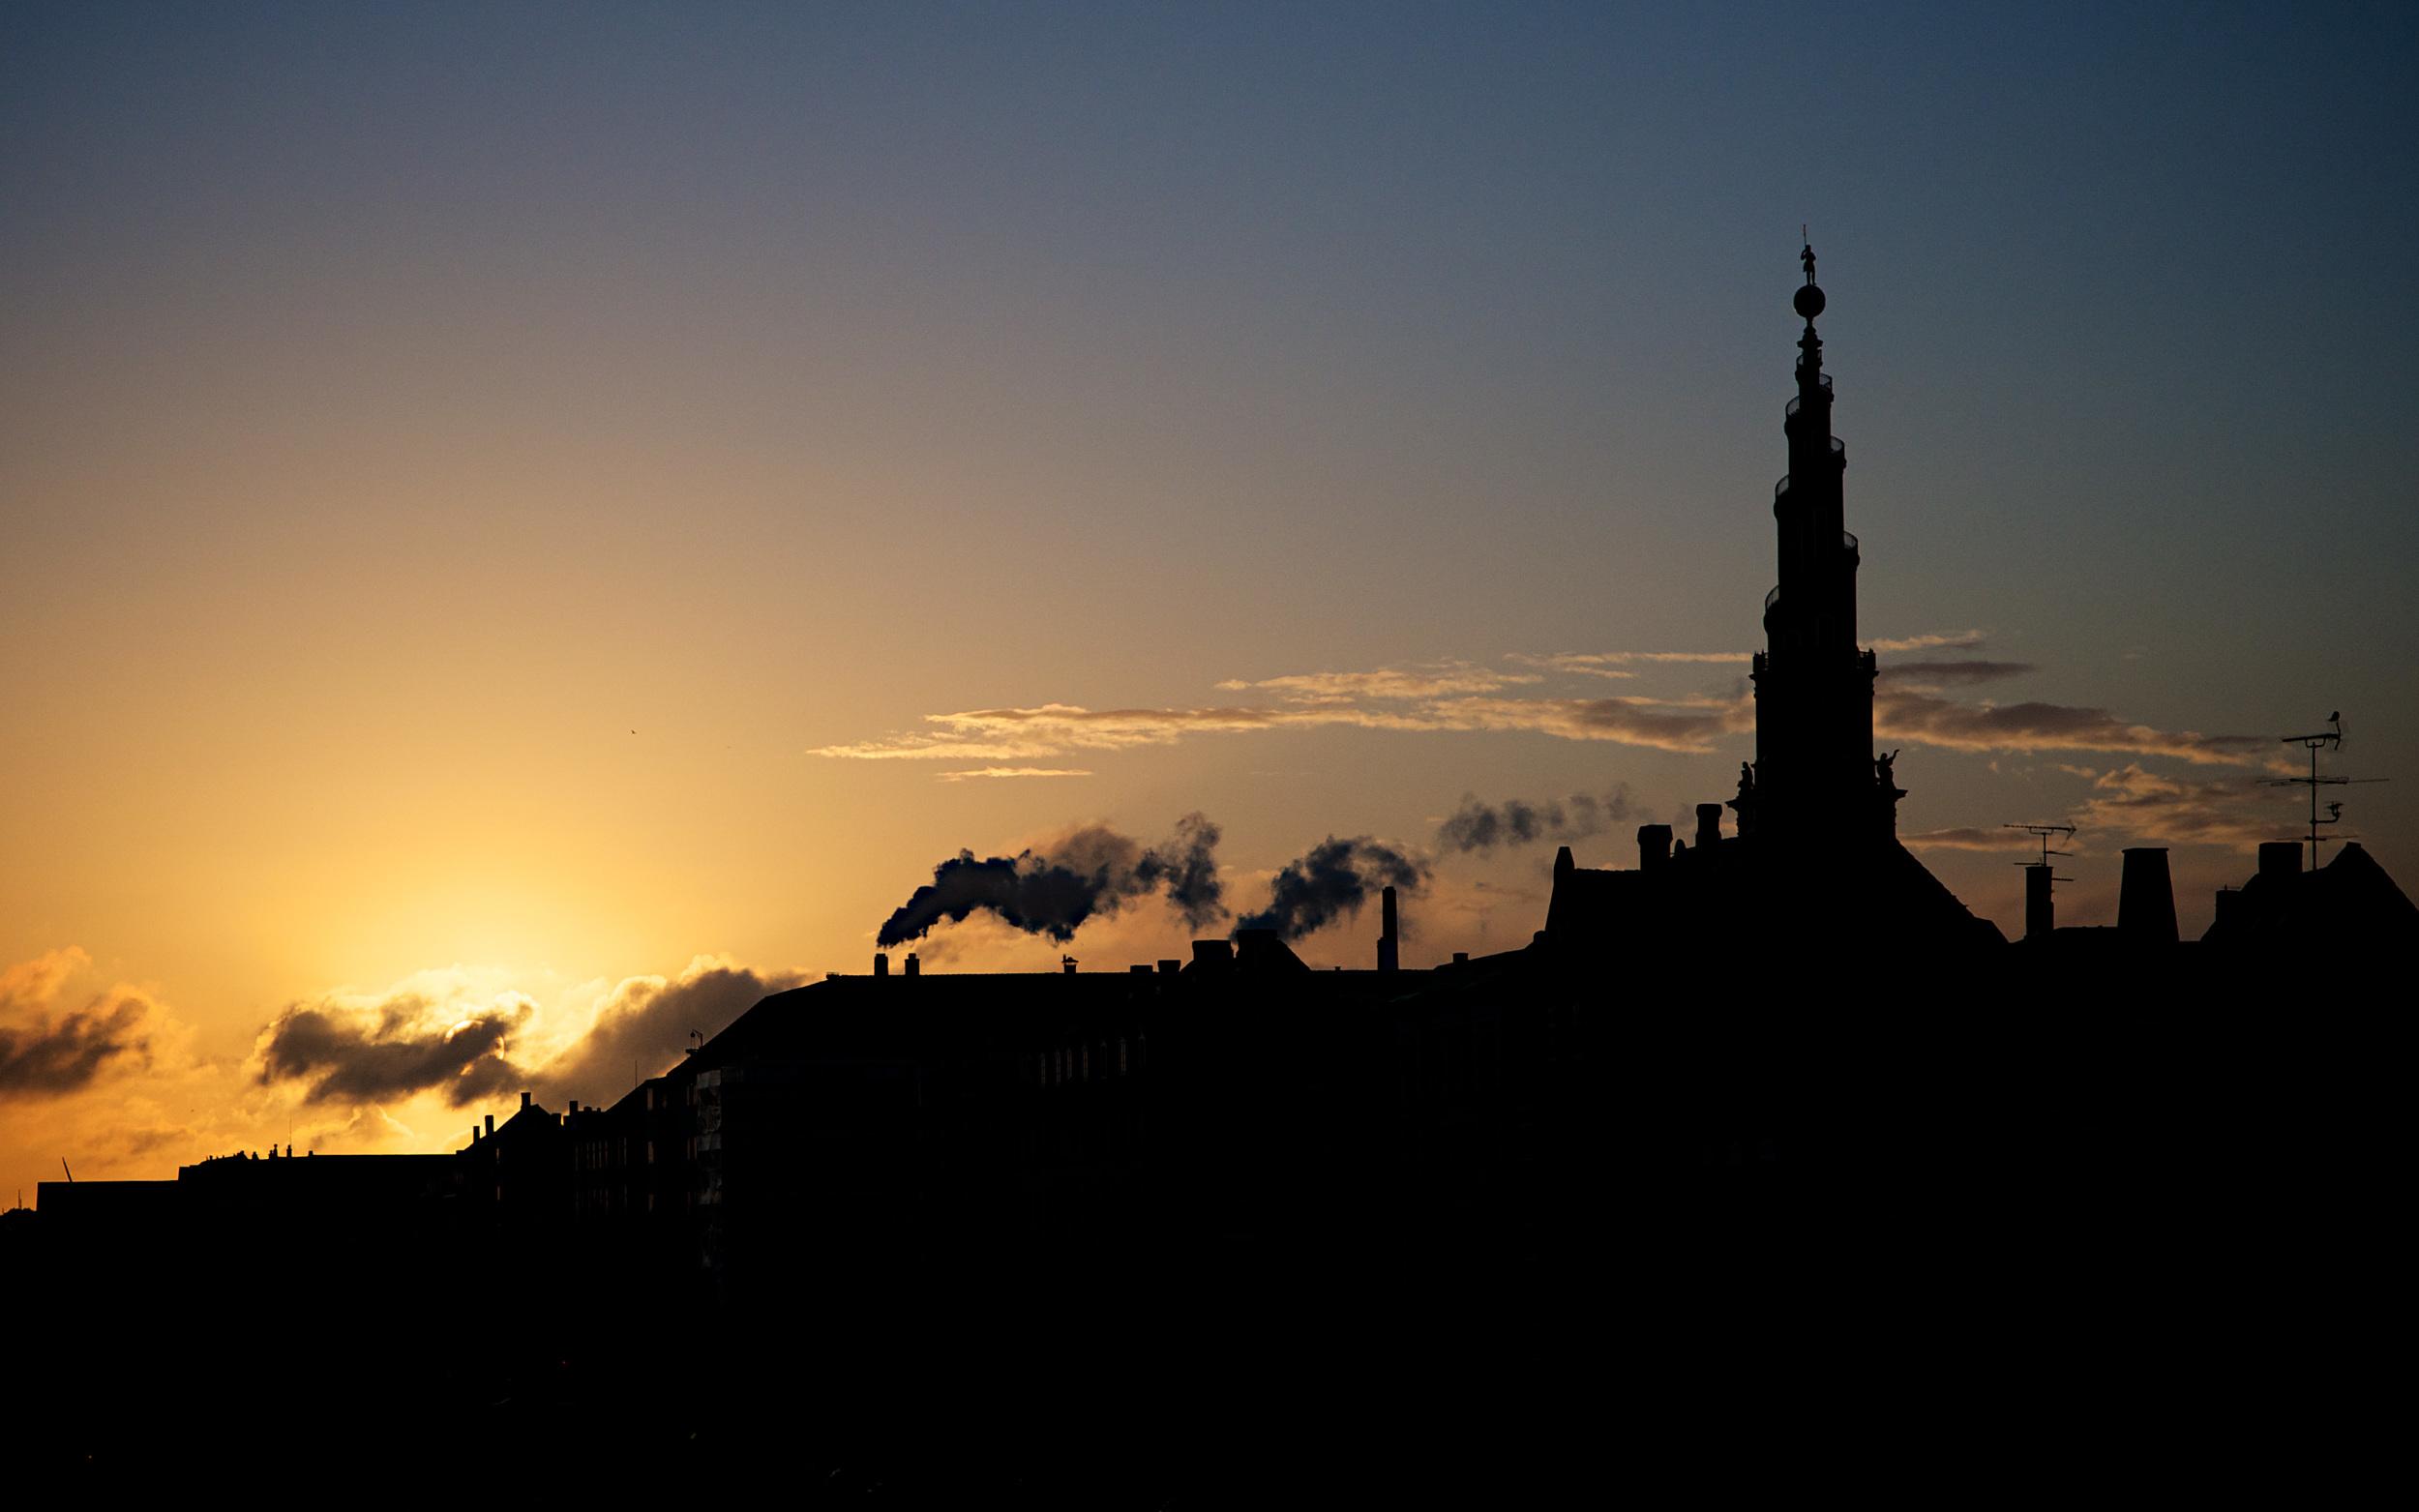 Christianshavn_2880x1800.jpg